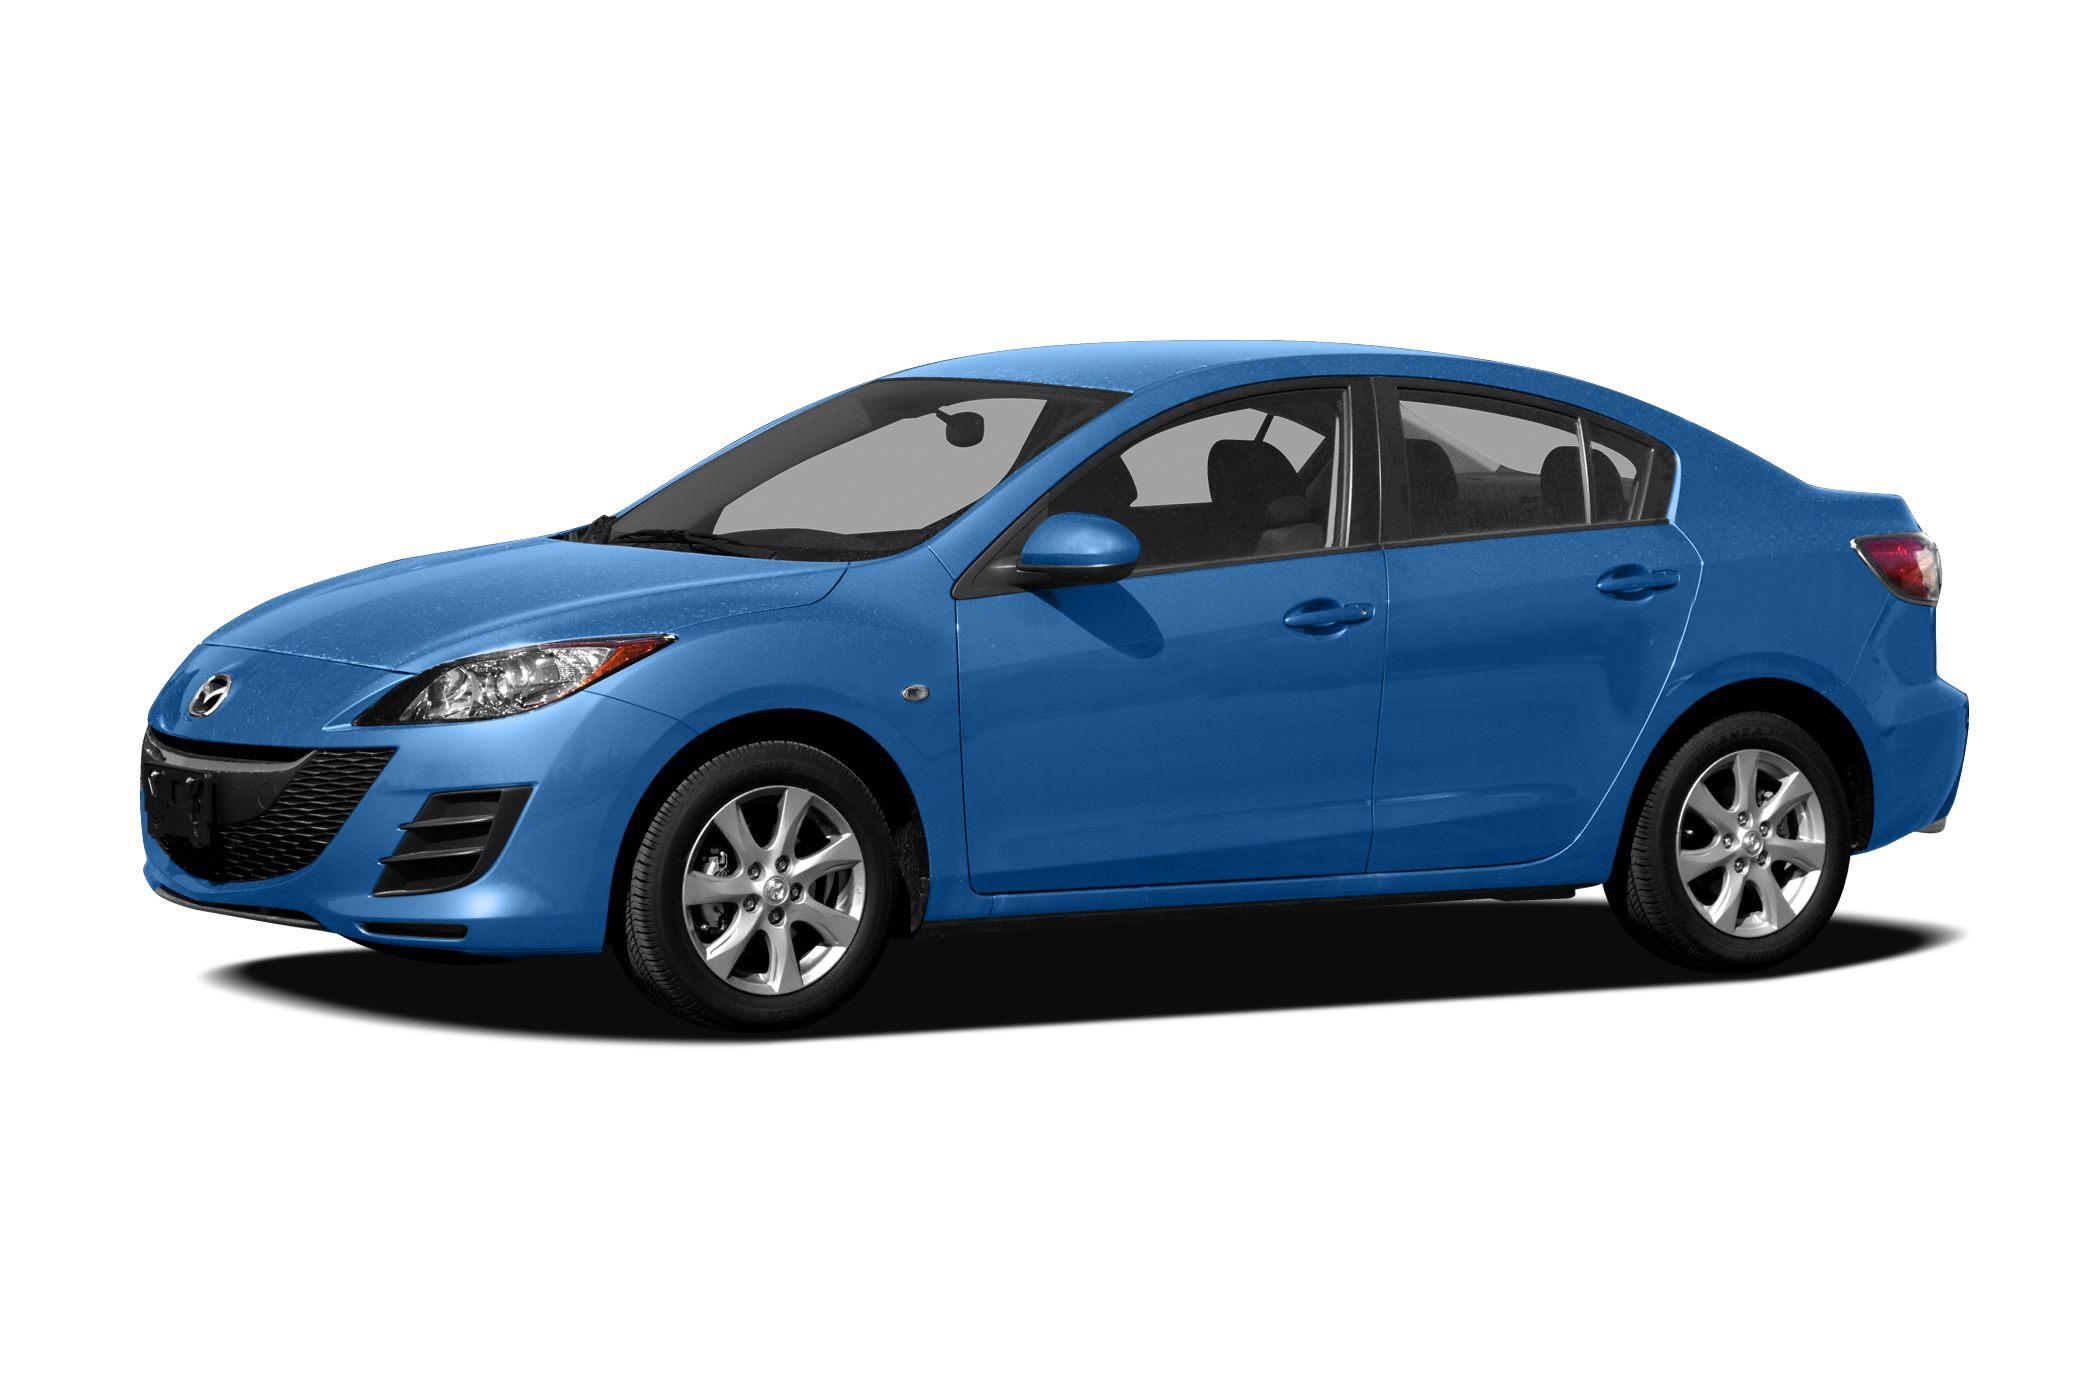 2011 Mazda Mazda3 i Touring 4dr Sedan Specs and Prices